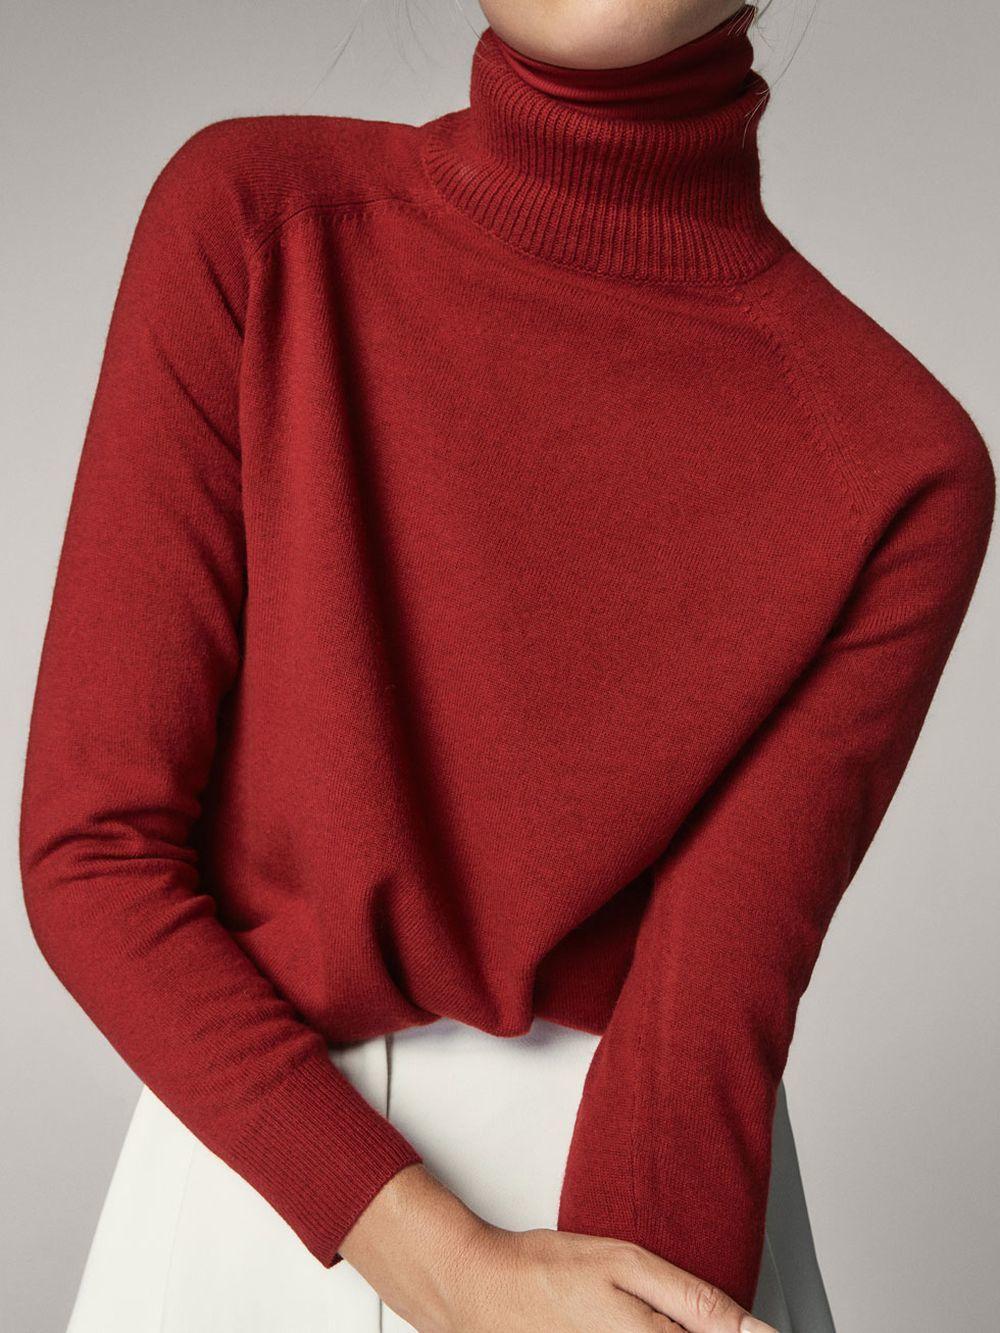 Jersey cuello alto de Massimo Dutti (50 euros)